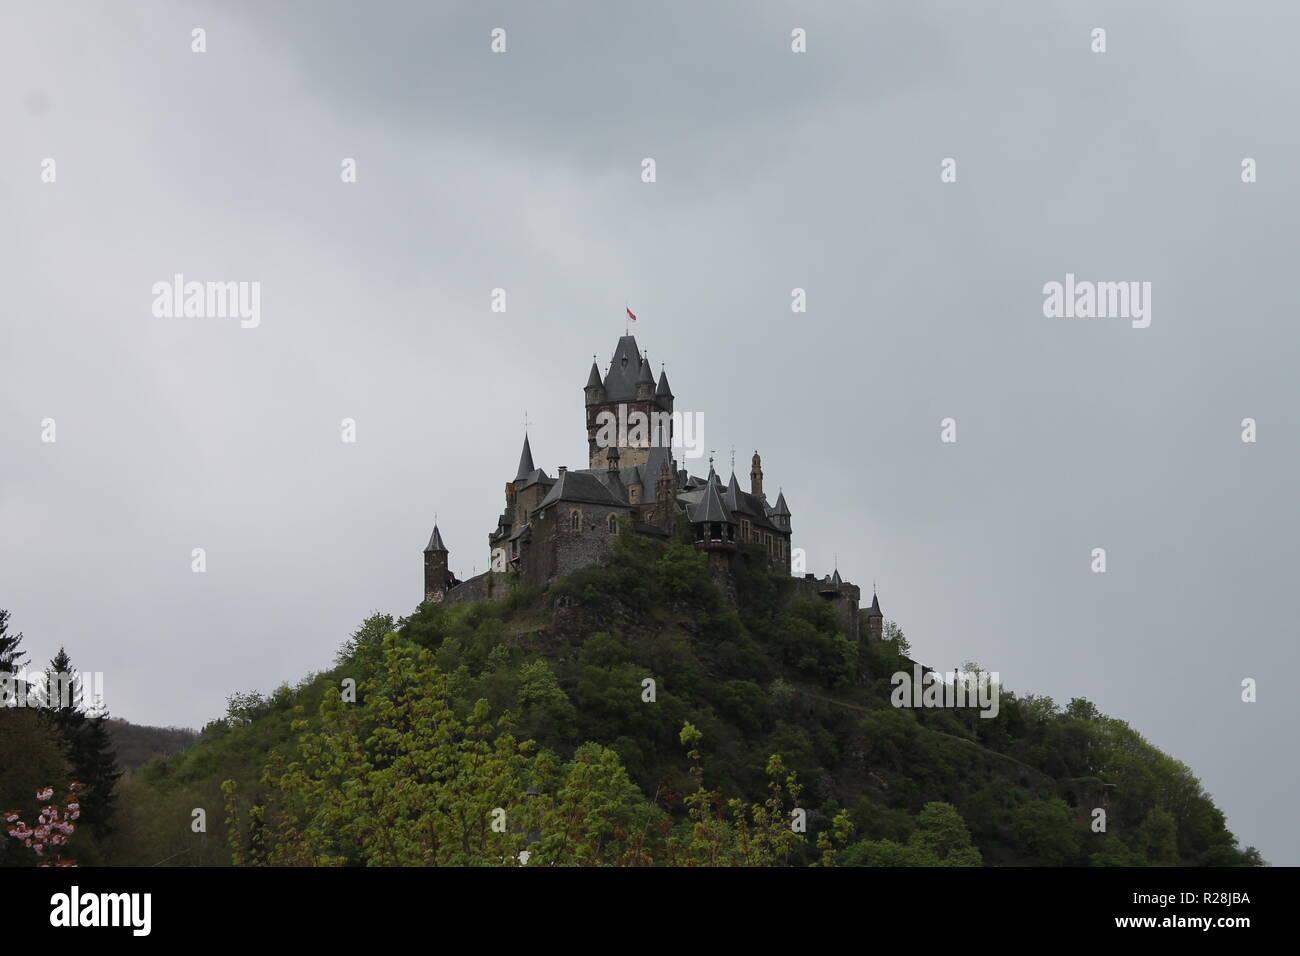 Die Reichsburg Cochem ist eine Burganlage in der rheinland-pfälzischen Stadt Cochem an der Mosel. Sie ist ihr Wahrzeichen und steht auf einem weithin - Stock Image